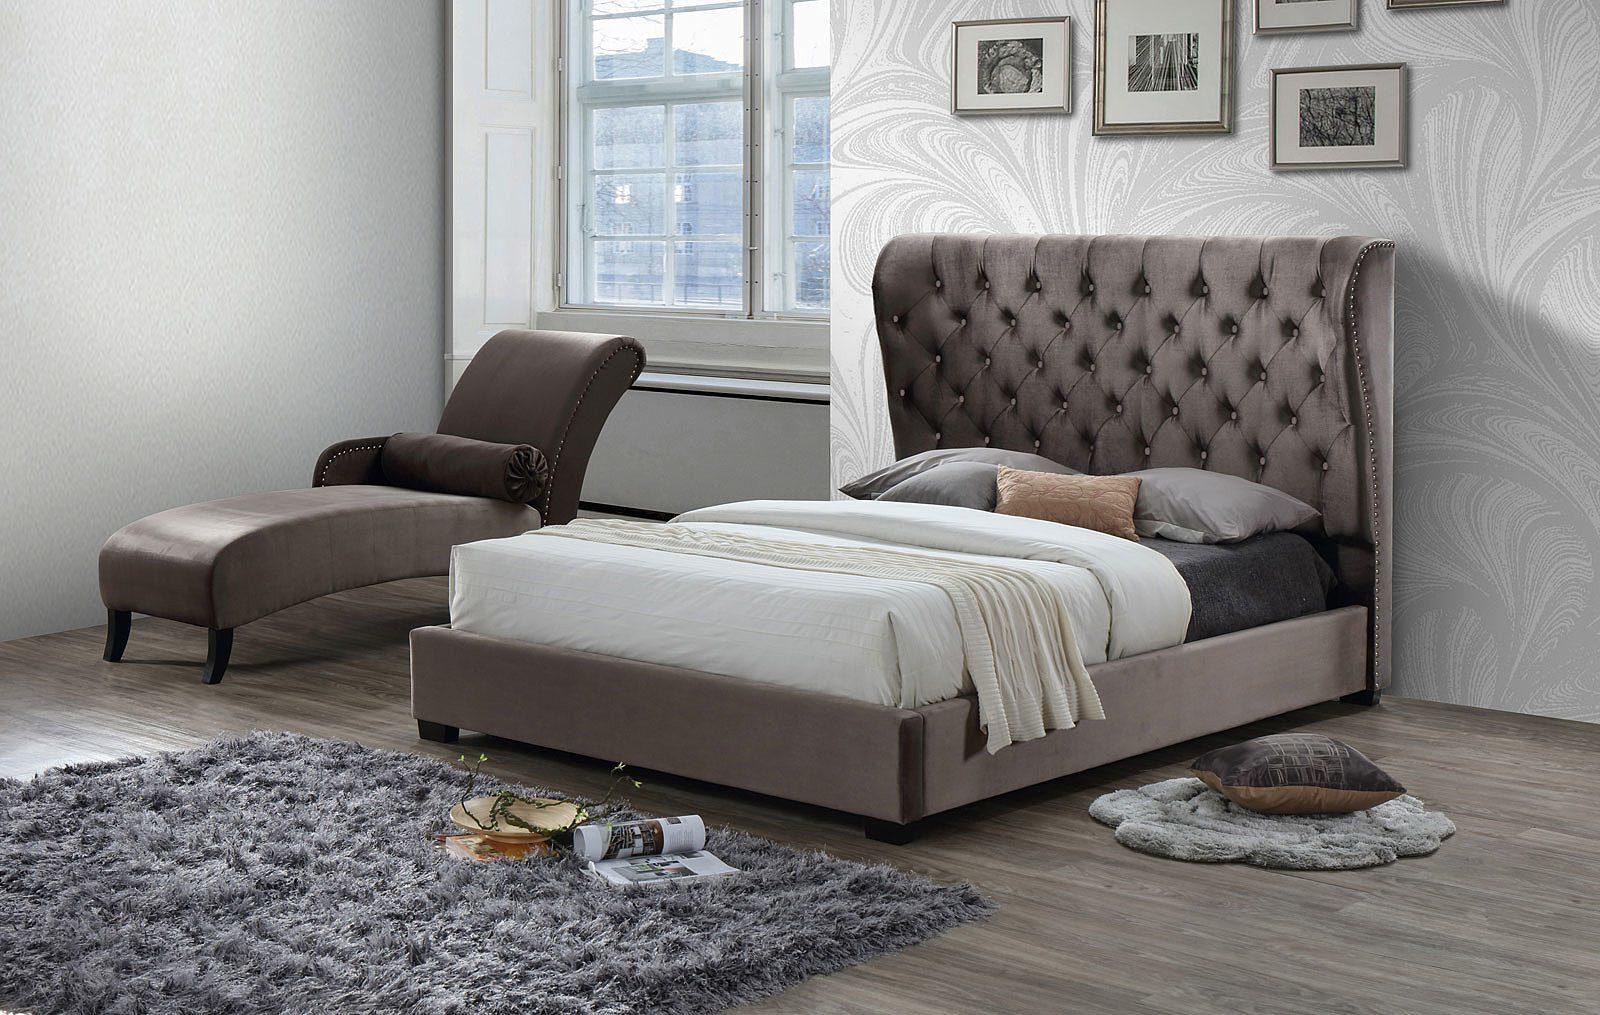 Кровать ESF INFI2971 темно-коричневая и Шезлонг INFI1040 темно-коричневый